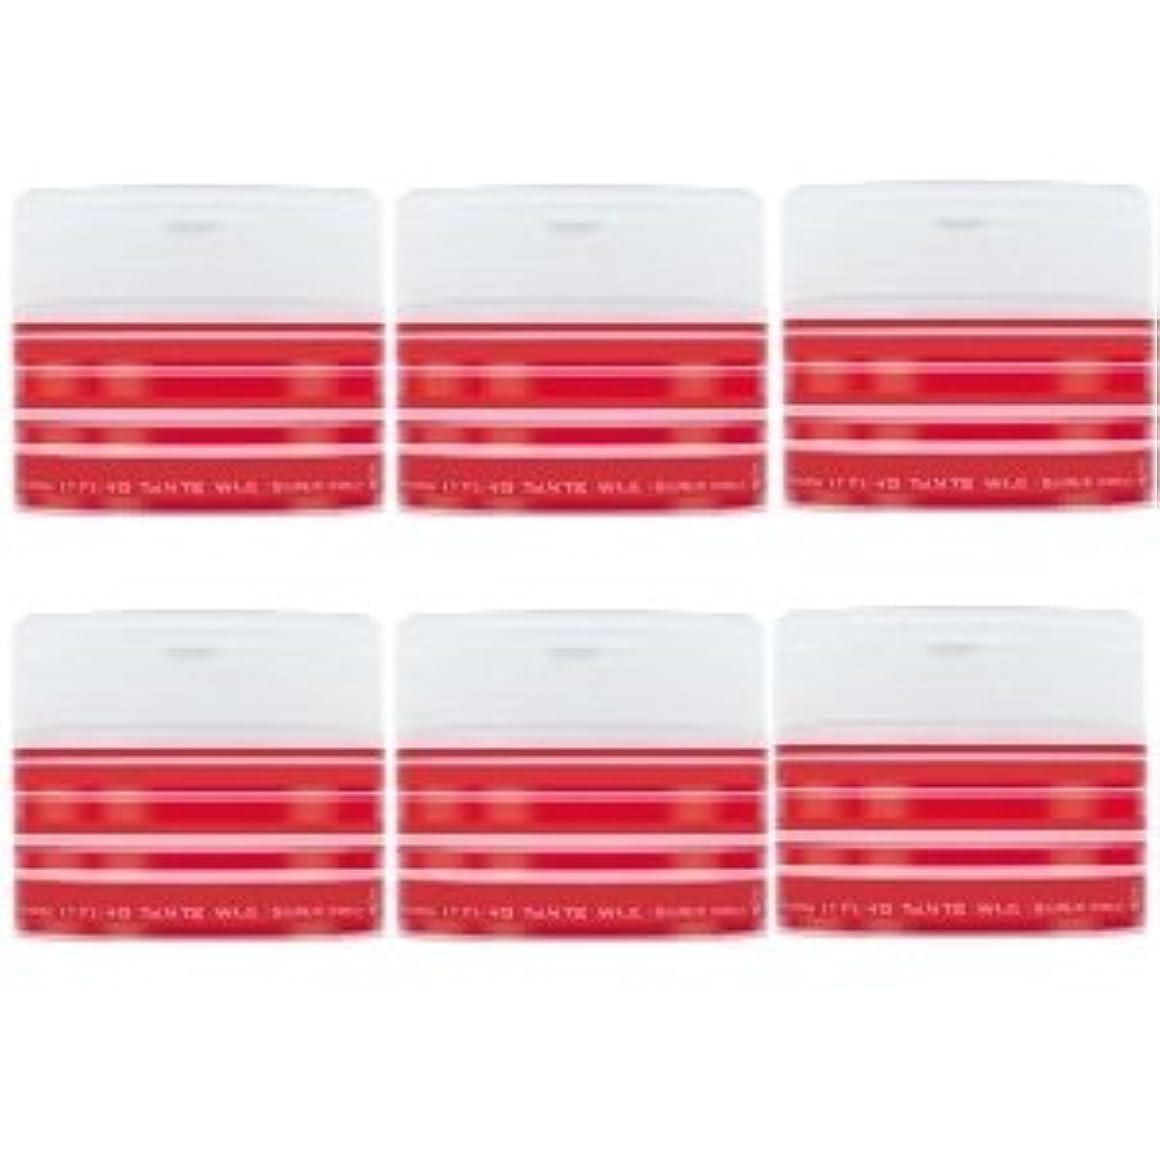 バインド恐れ検査ナカノ スタイリング タントN ワックス 5 スーパーハード 90g × 6個セット